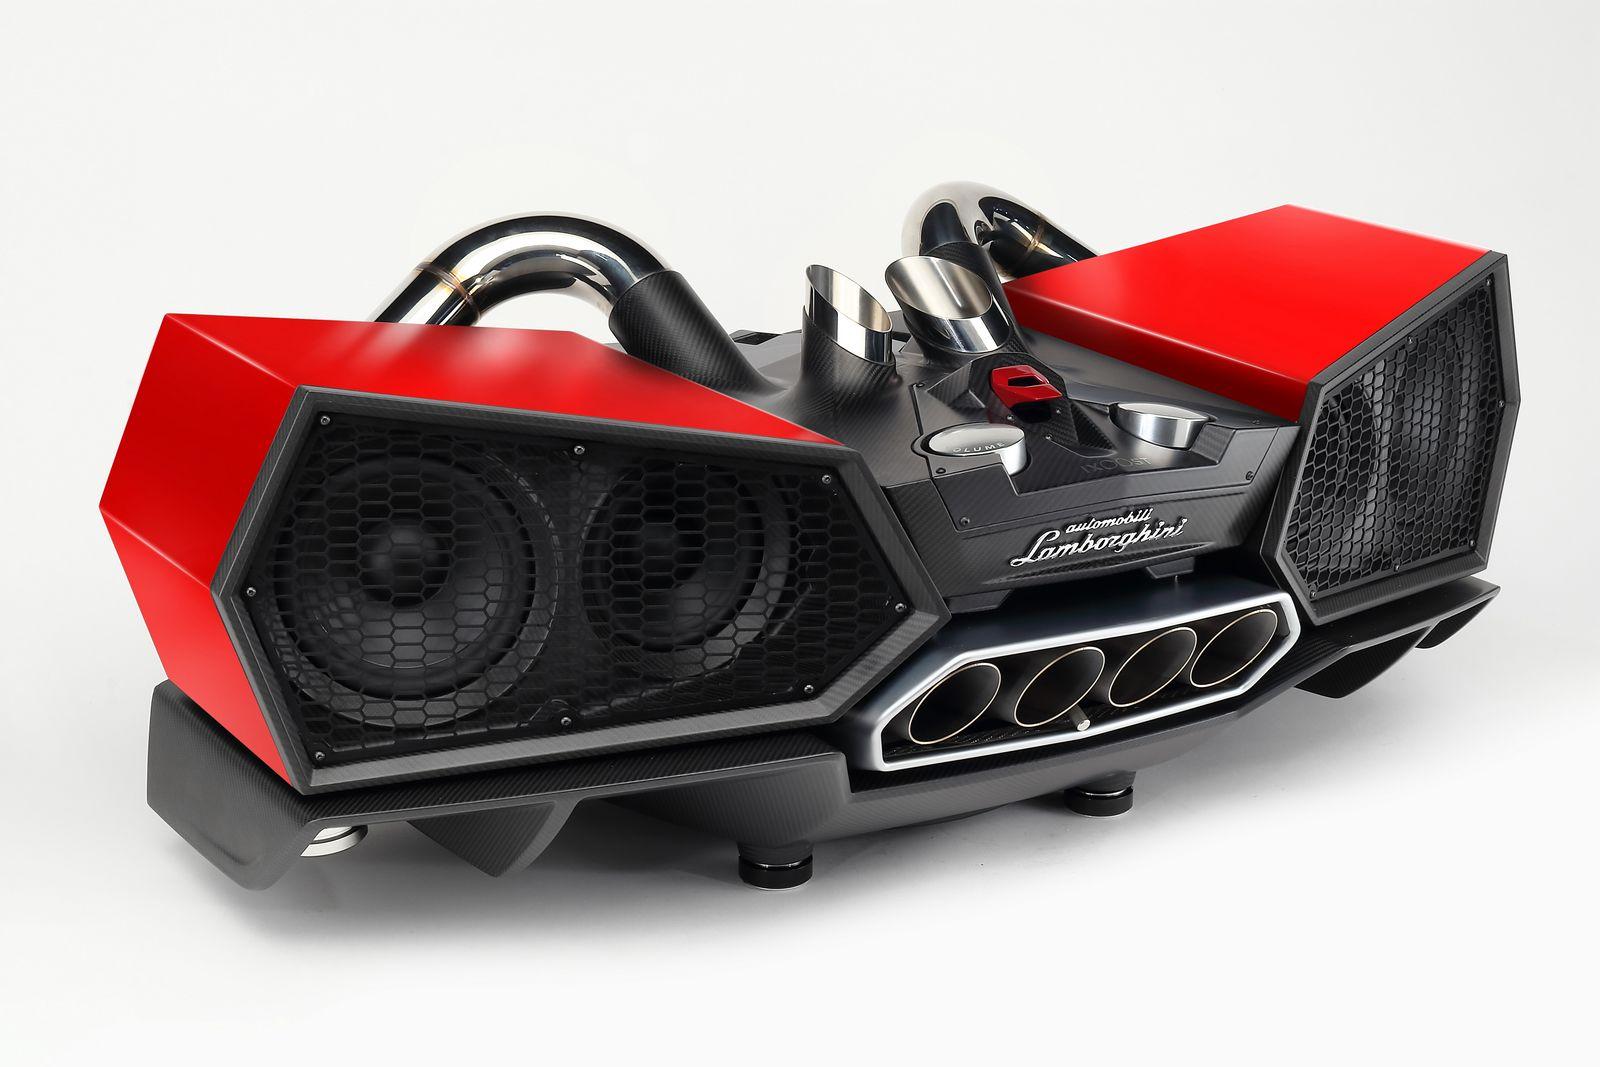 Lamborghini%2Bspeaker%2B3.jpg